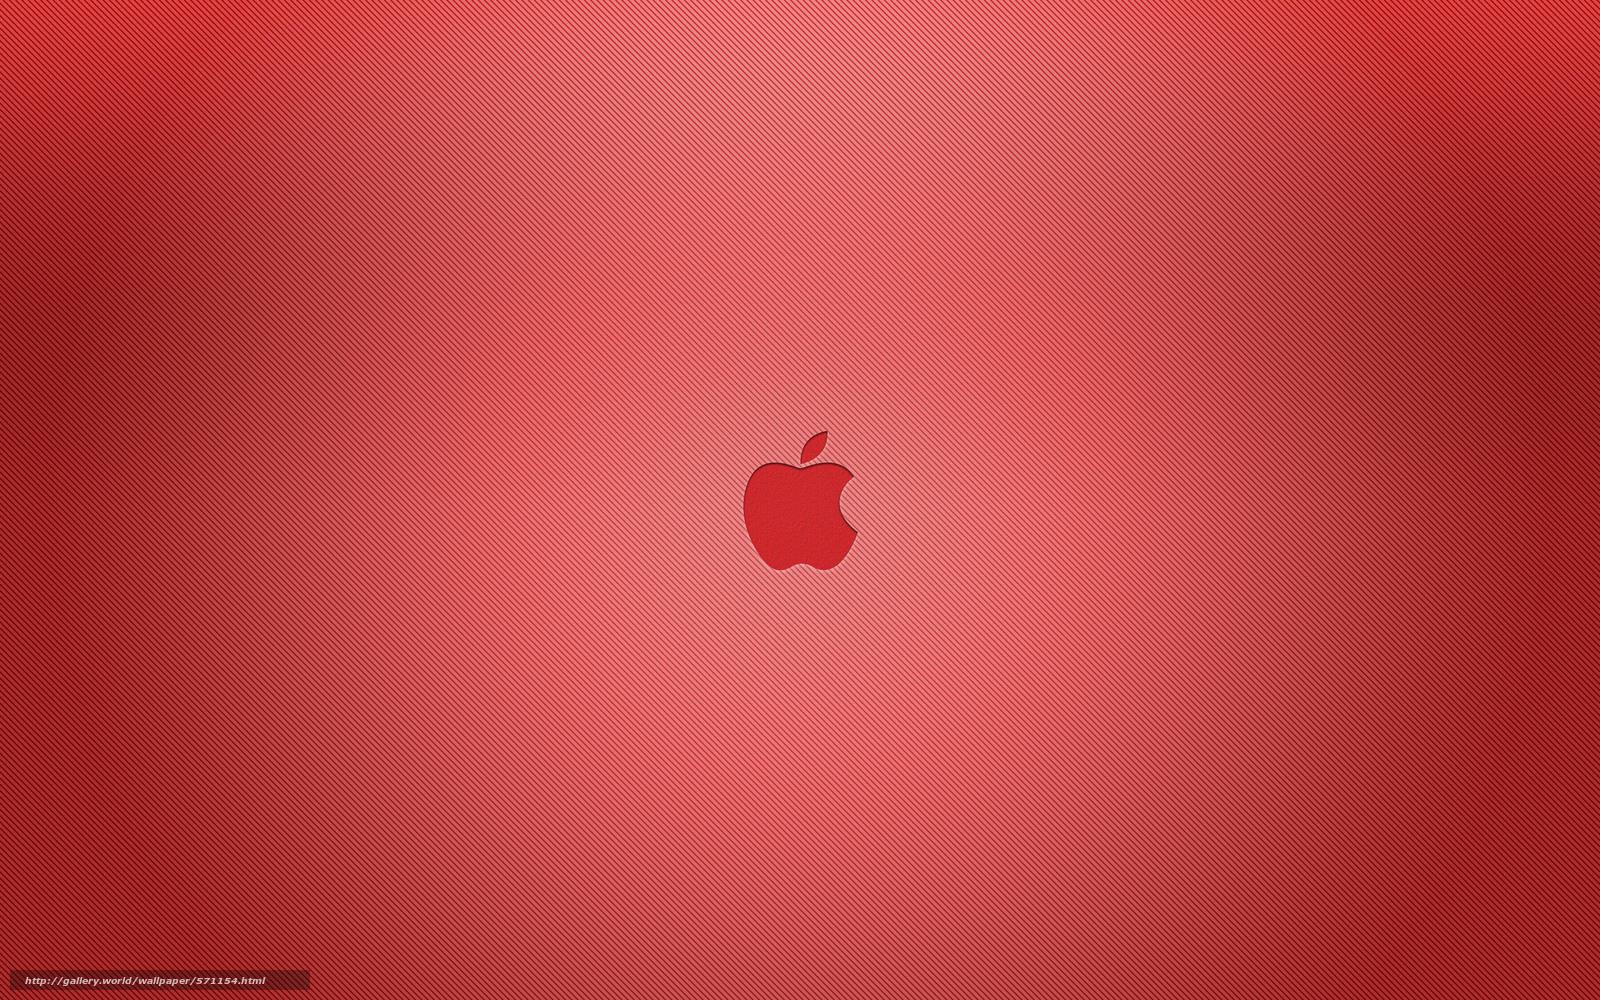 Tlcharger fond d ecran embl 232 me apple ordinateur gadget fonds d